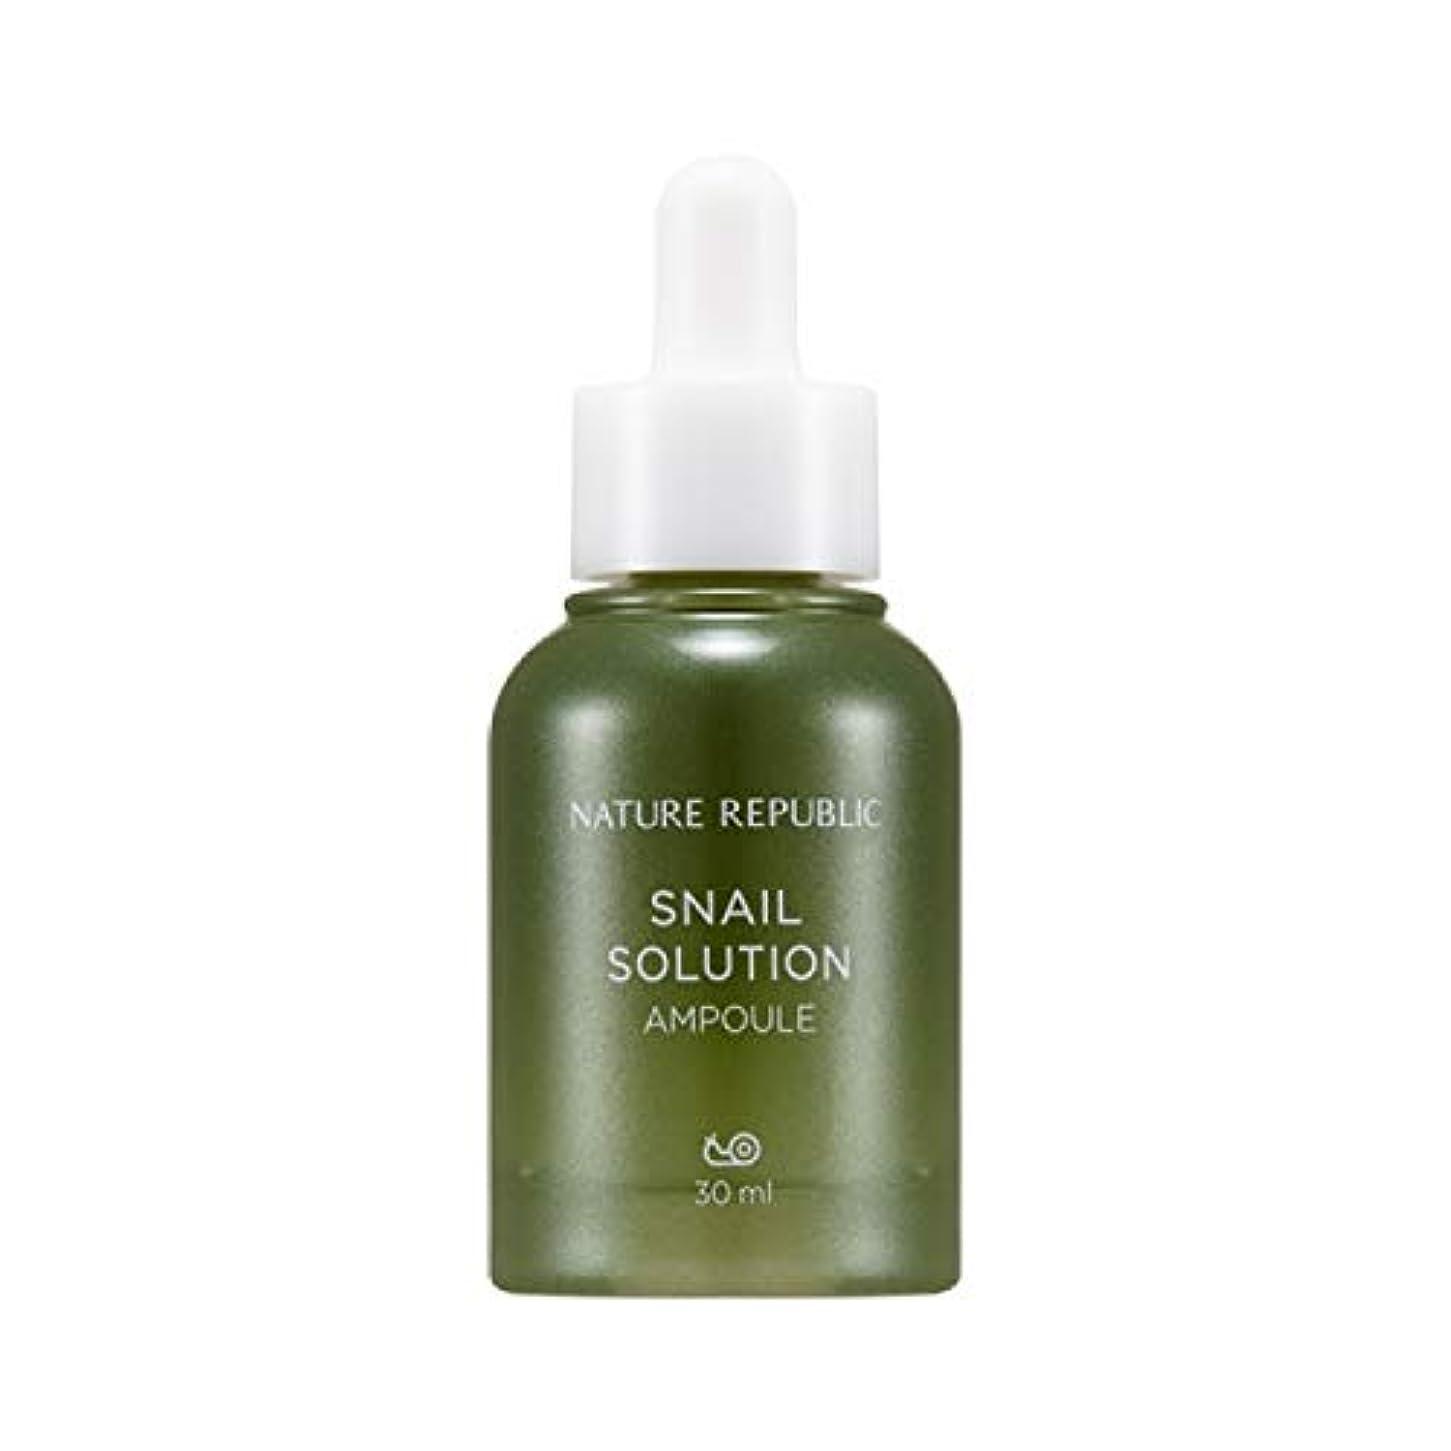 不利内なる大脳ネイチャーリパブリック(Nature Republic)カタツムリソリューションアンプル 30ml / Snail Solution Ampoule 30ml :: 韓国コスメ [並行輸入品]